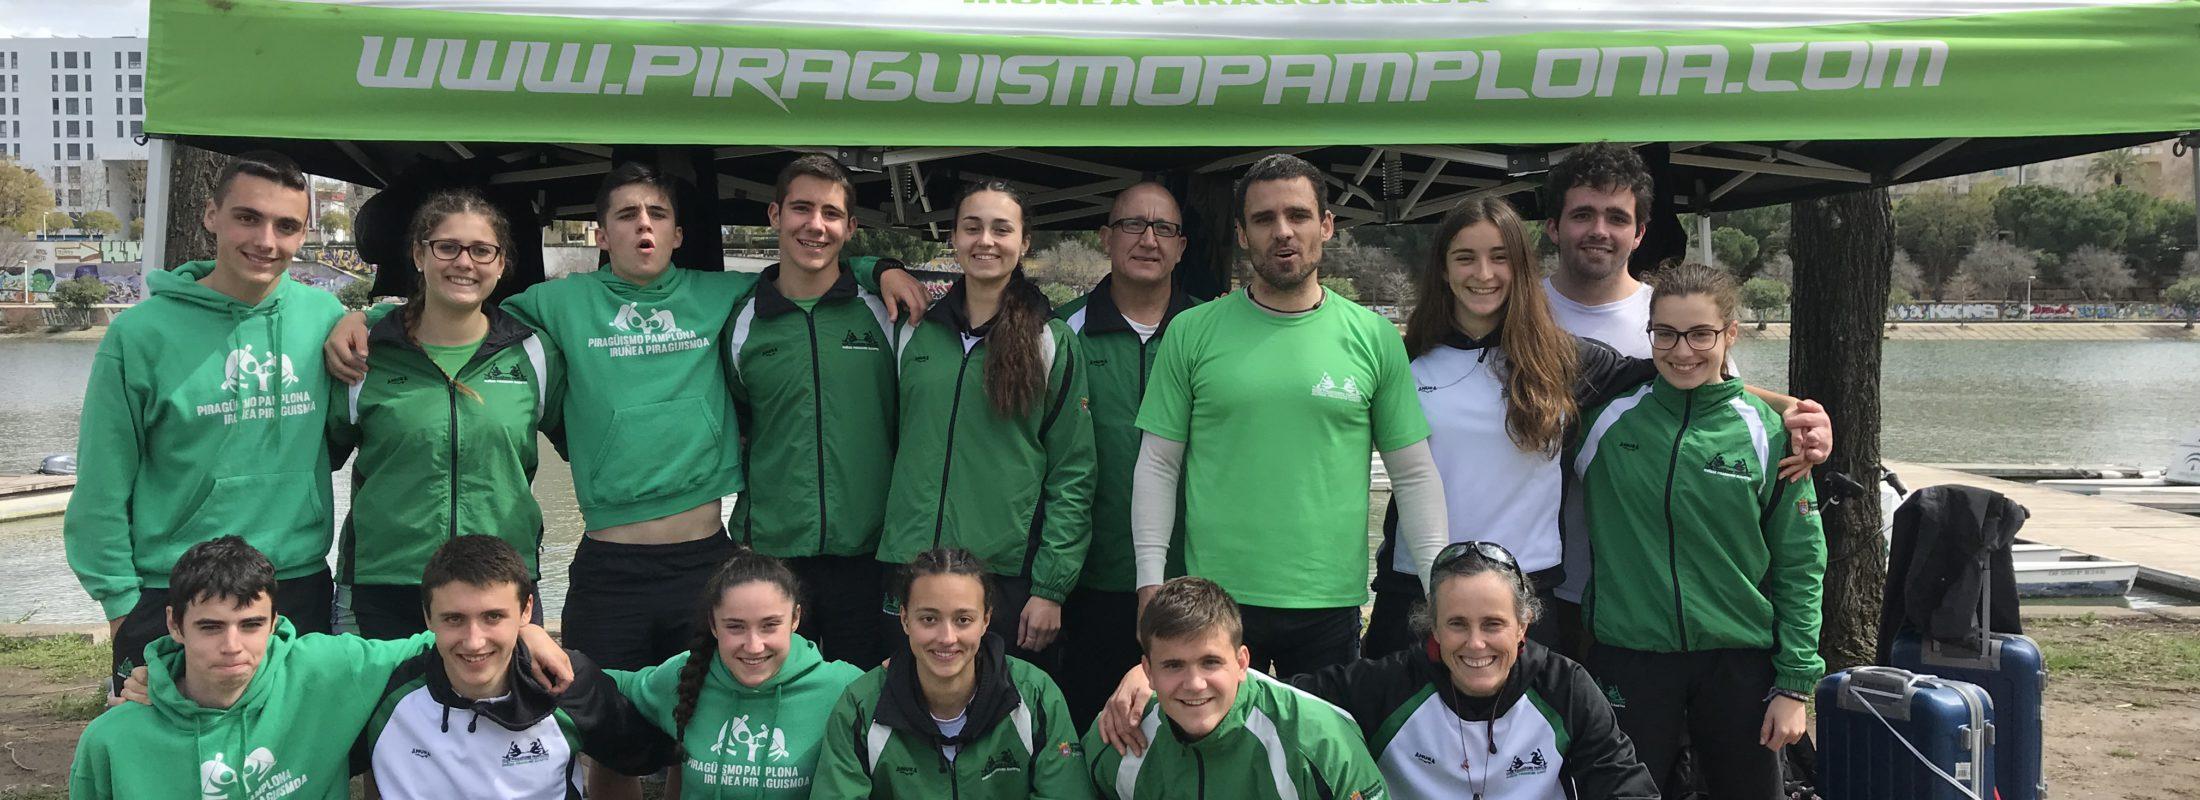 El Piragüismo Pamplona séptimo en la clasificación por clubes del Nacional de Invierno